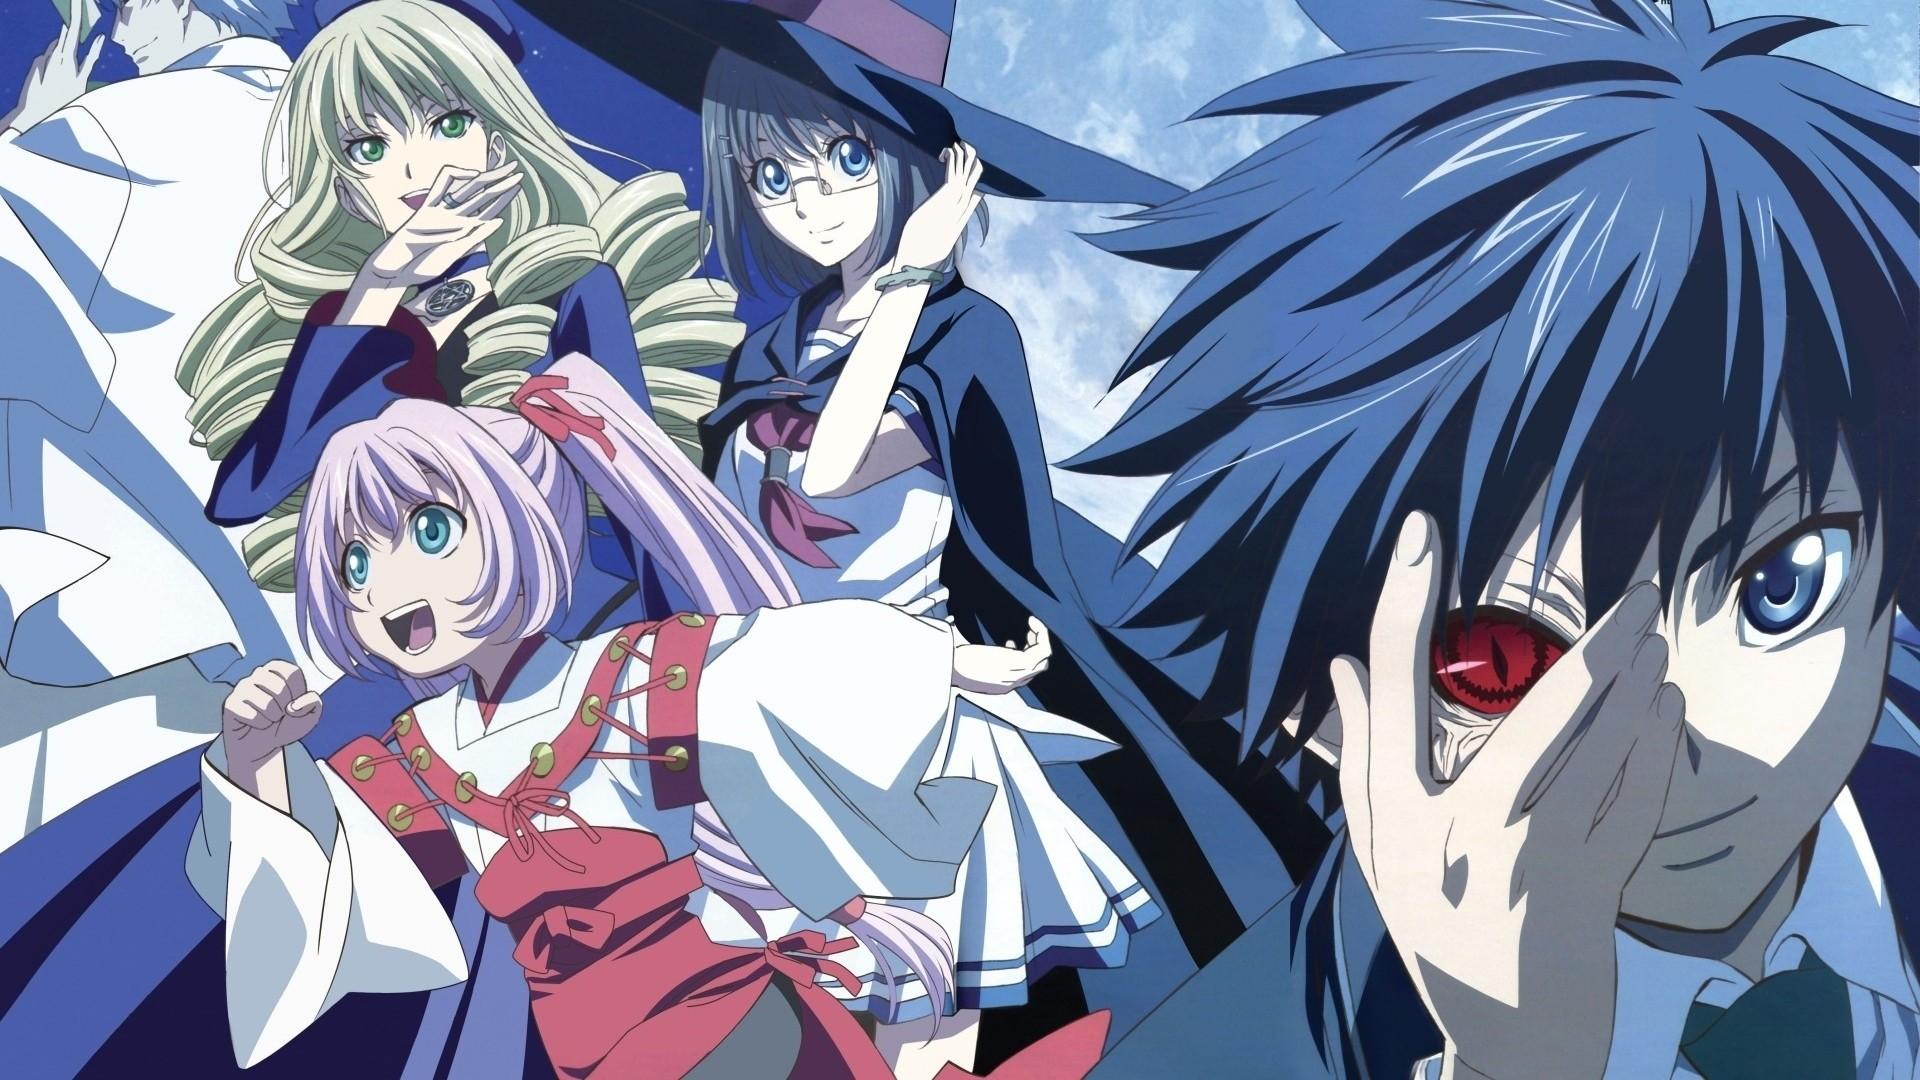 Wallpaper anime, boy, blue, eyes, hair